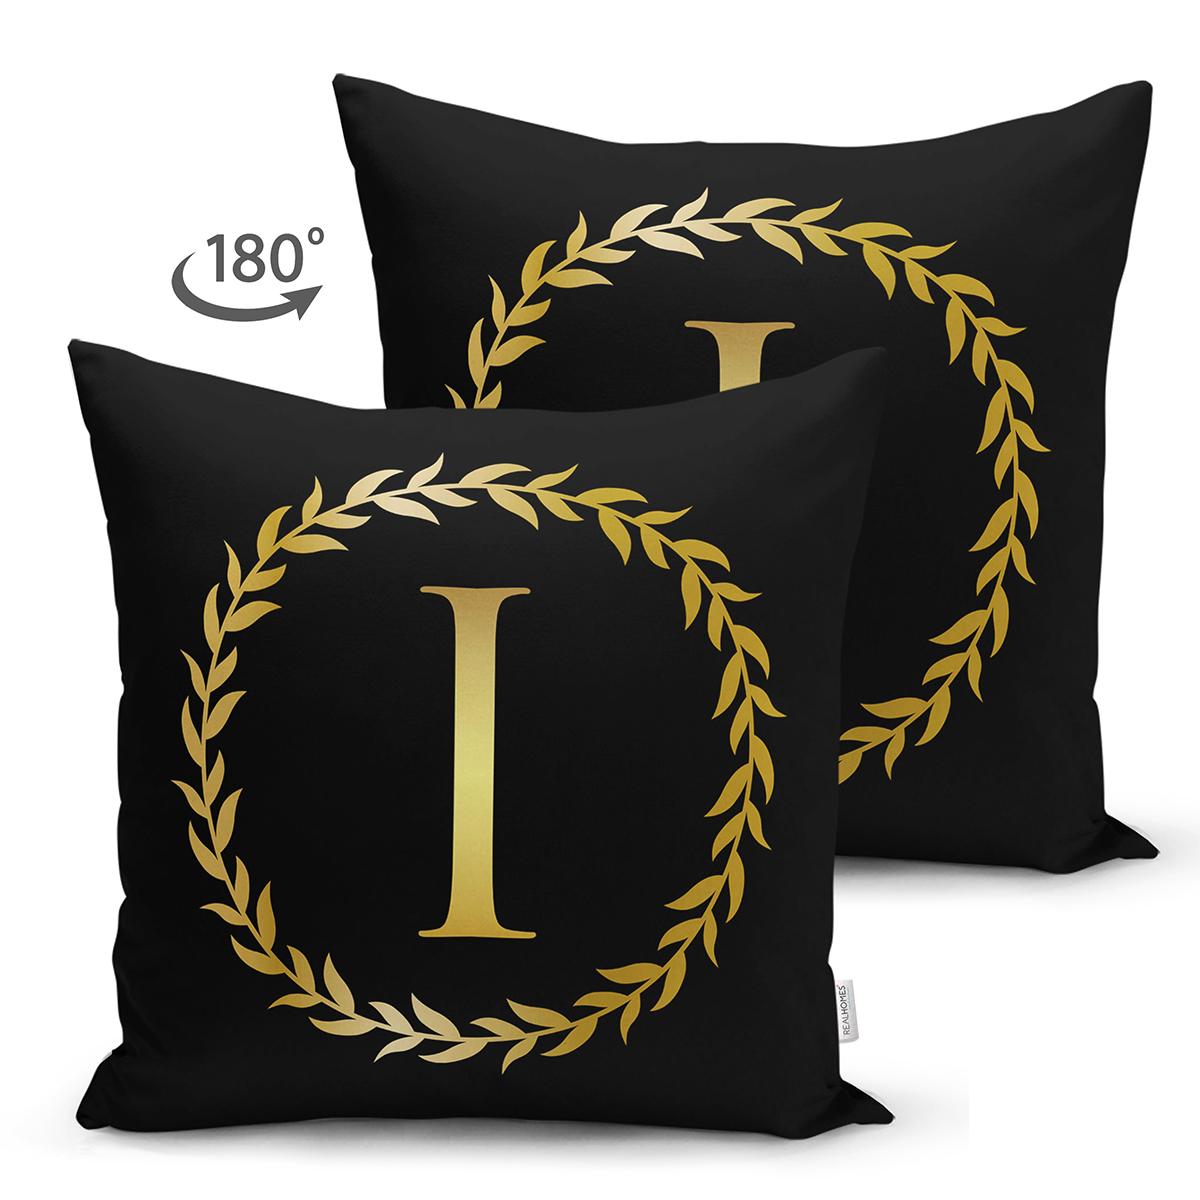 Siyah Zemin Gold Yaprak Çerçeveli I Harfi Özel Tasarım Modern Suet Yastık Kırlent Kılıfı Realhomes